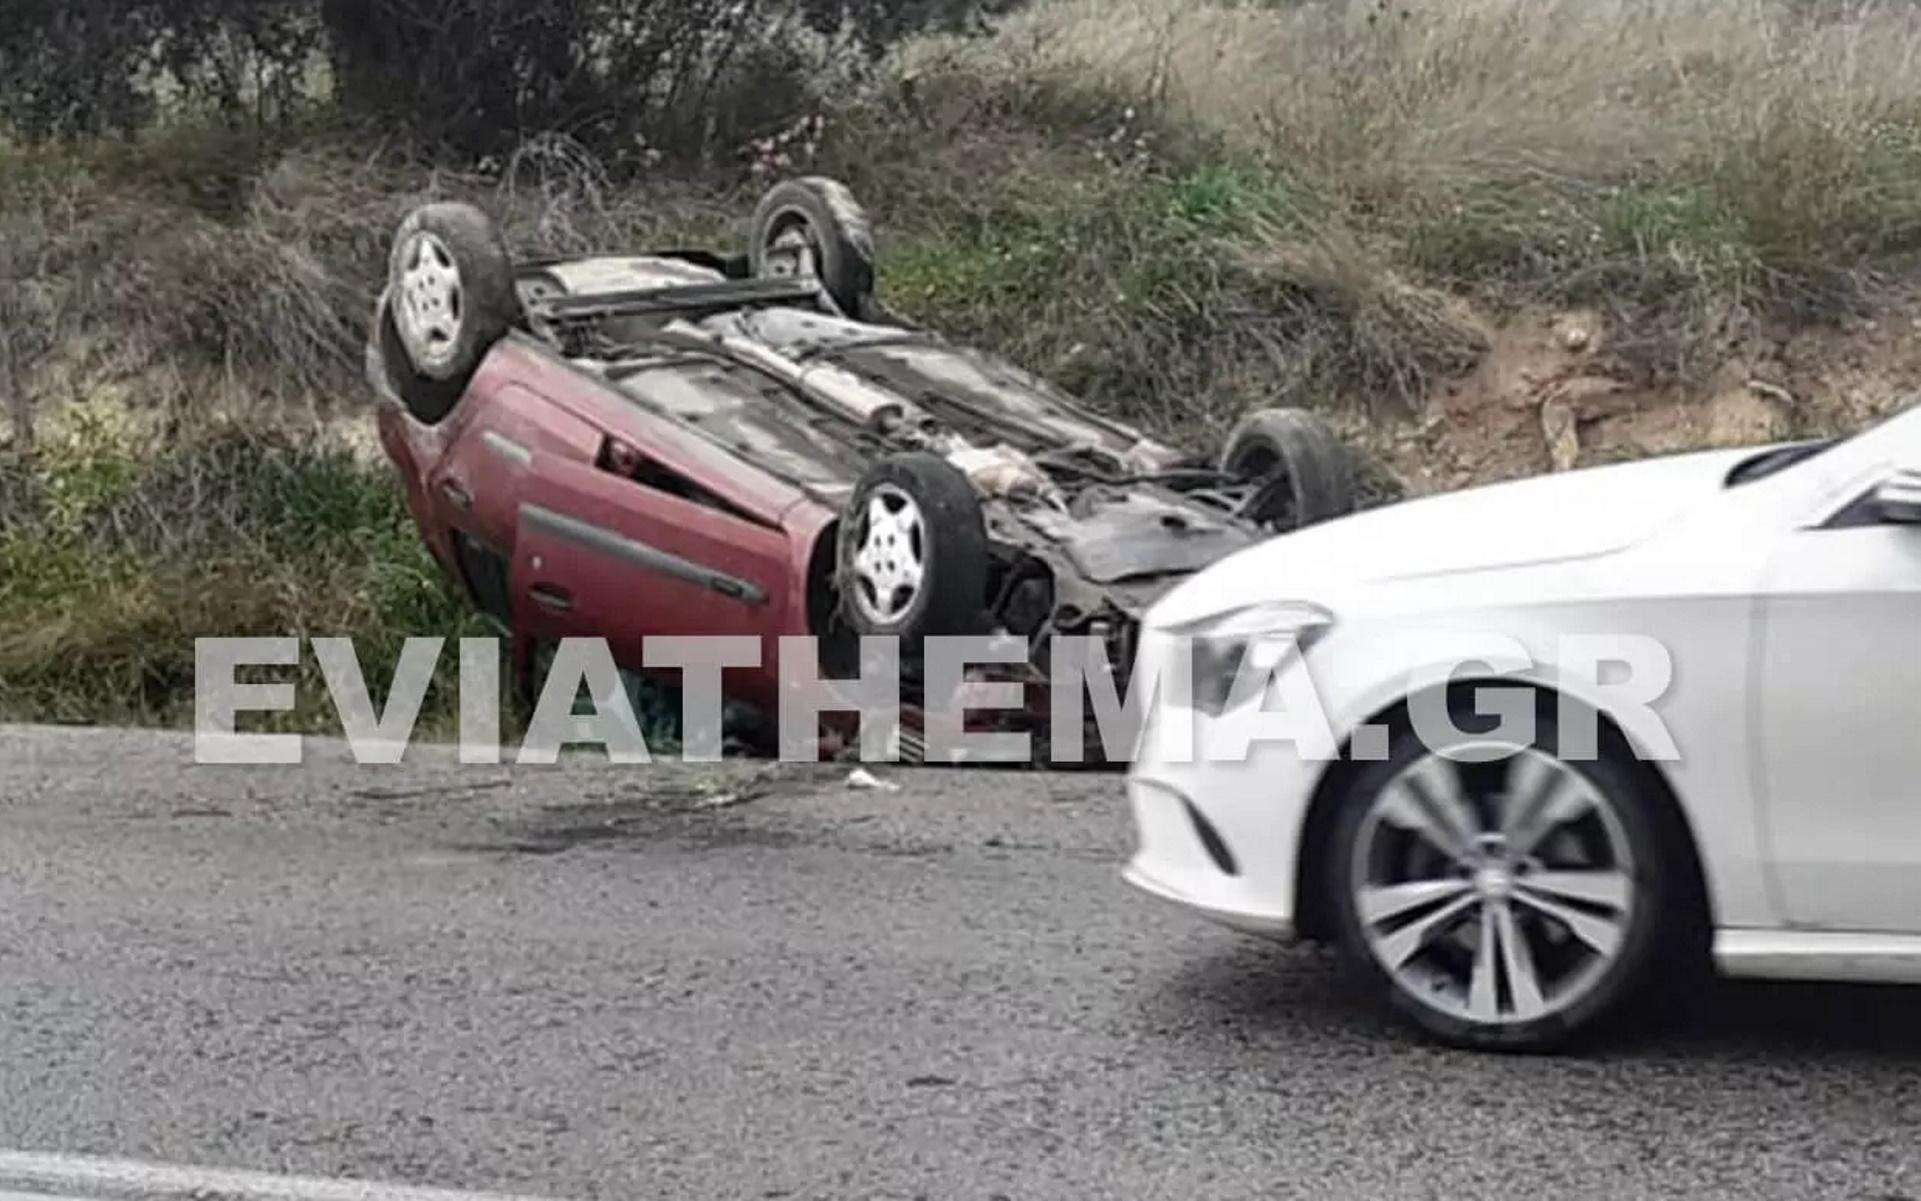 Ερέτρια: Σοκαριστικό τροχαίο – Σμπαράλια το αυτοκίνητο μετά από αρκετές τούμπες (pics)